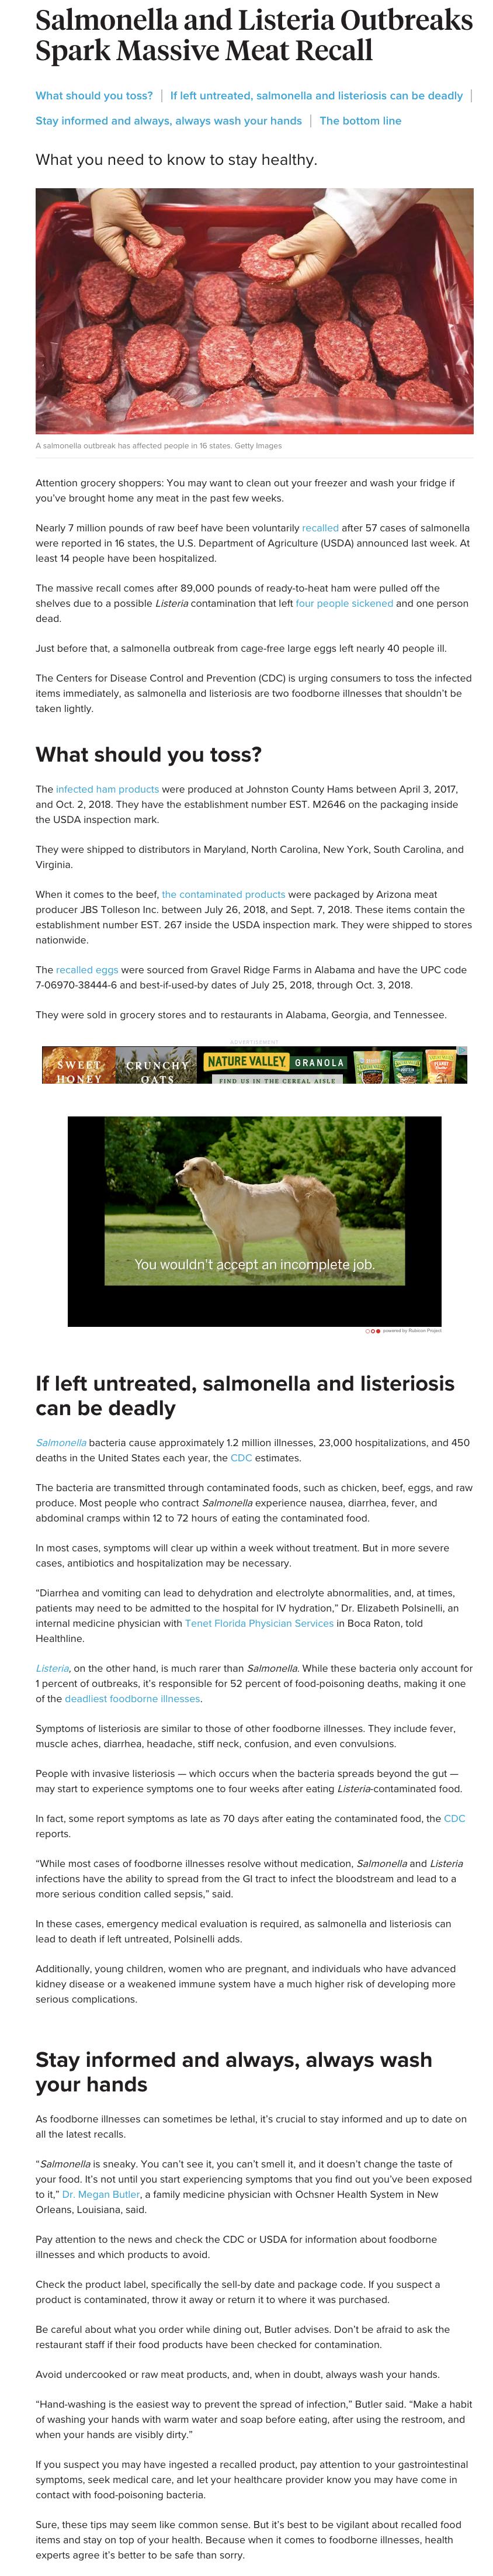 Healthline_Meat recalls.png